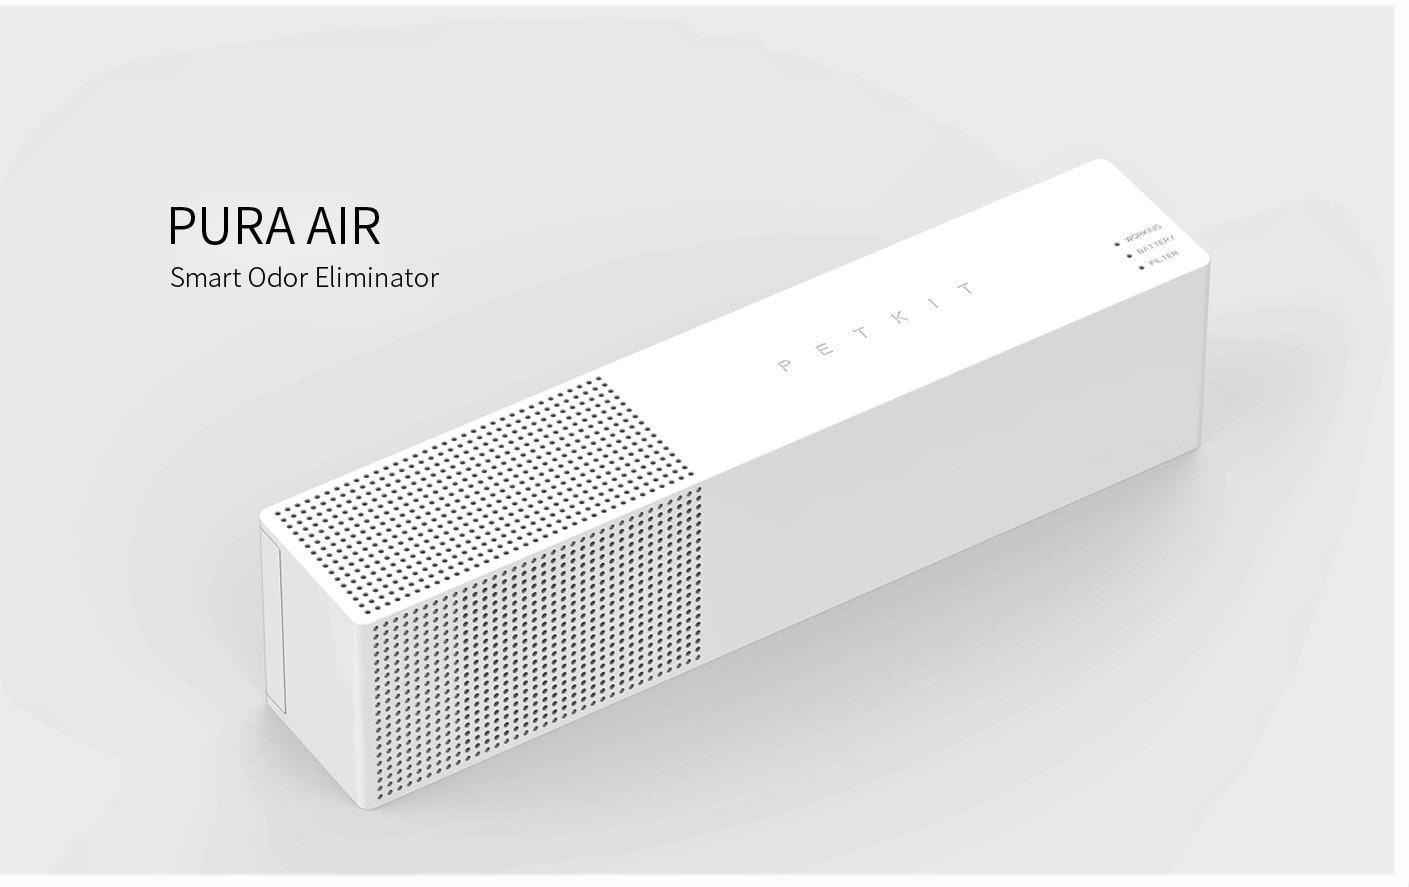 เครื่องกำจัดกลิ่นอัตโนมัติ PETKIT PURA AIR แถมโมดูลกำจัดกลิ่นเพิ่มอีก 1 ชิ้น